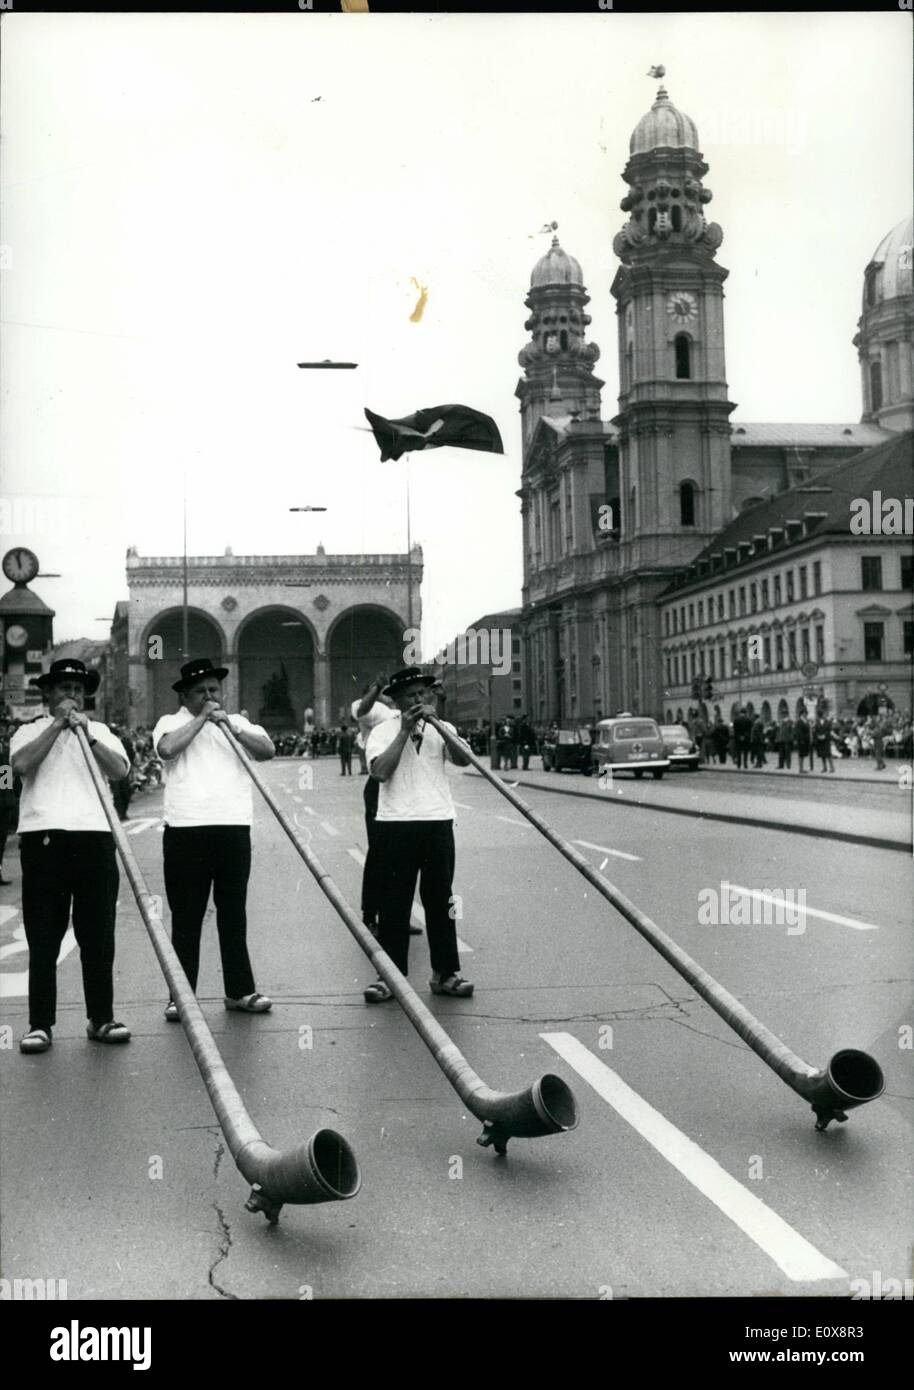 Septembre 09, 1965 - Folklore et le cortège de fusiliers de 131. ''Oktoberfest'': le folklore traditionnel et le cortège de fusiliers qui a eu lieu chaque année dans le cadre de la célèbre Oktoberfest'''' a attiré par la ville de Munich aujourd'hui. 1000 personnes ont passé des applaudissements pour le client et au fusil des groupes d'hommes qui venaient de l'allemand un autre pays étrangers. La photo montre la corne de montagne la soufflante. Photo Stock